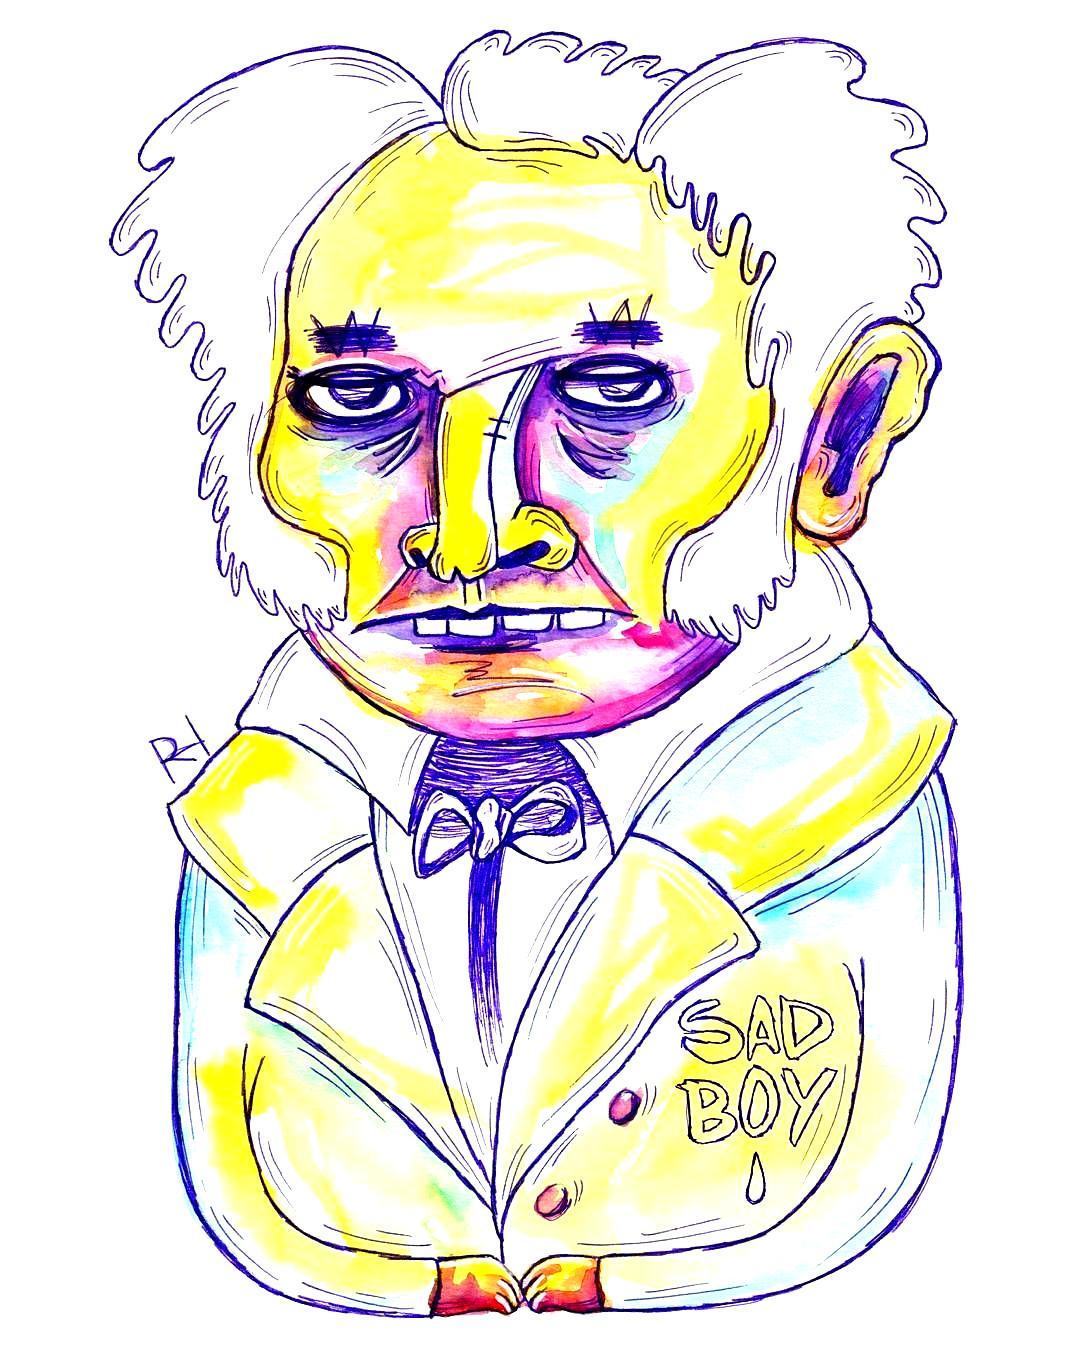 5D_A Philosophe -> A. Schopenhauer 30 Days Drawing Challenge # 30daysdrawingchallenge #philosopher #challenge #schopenhauer